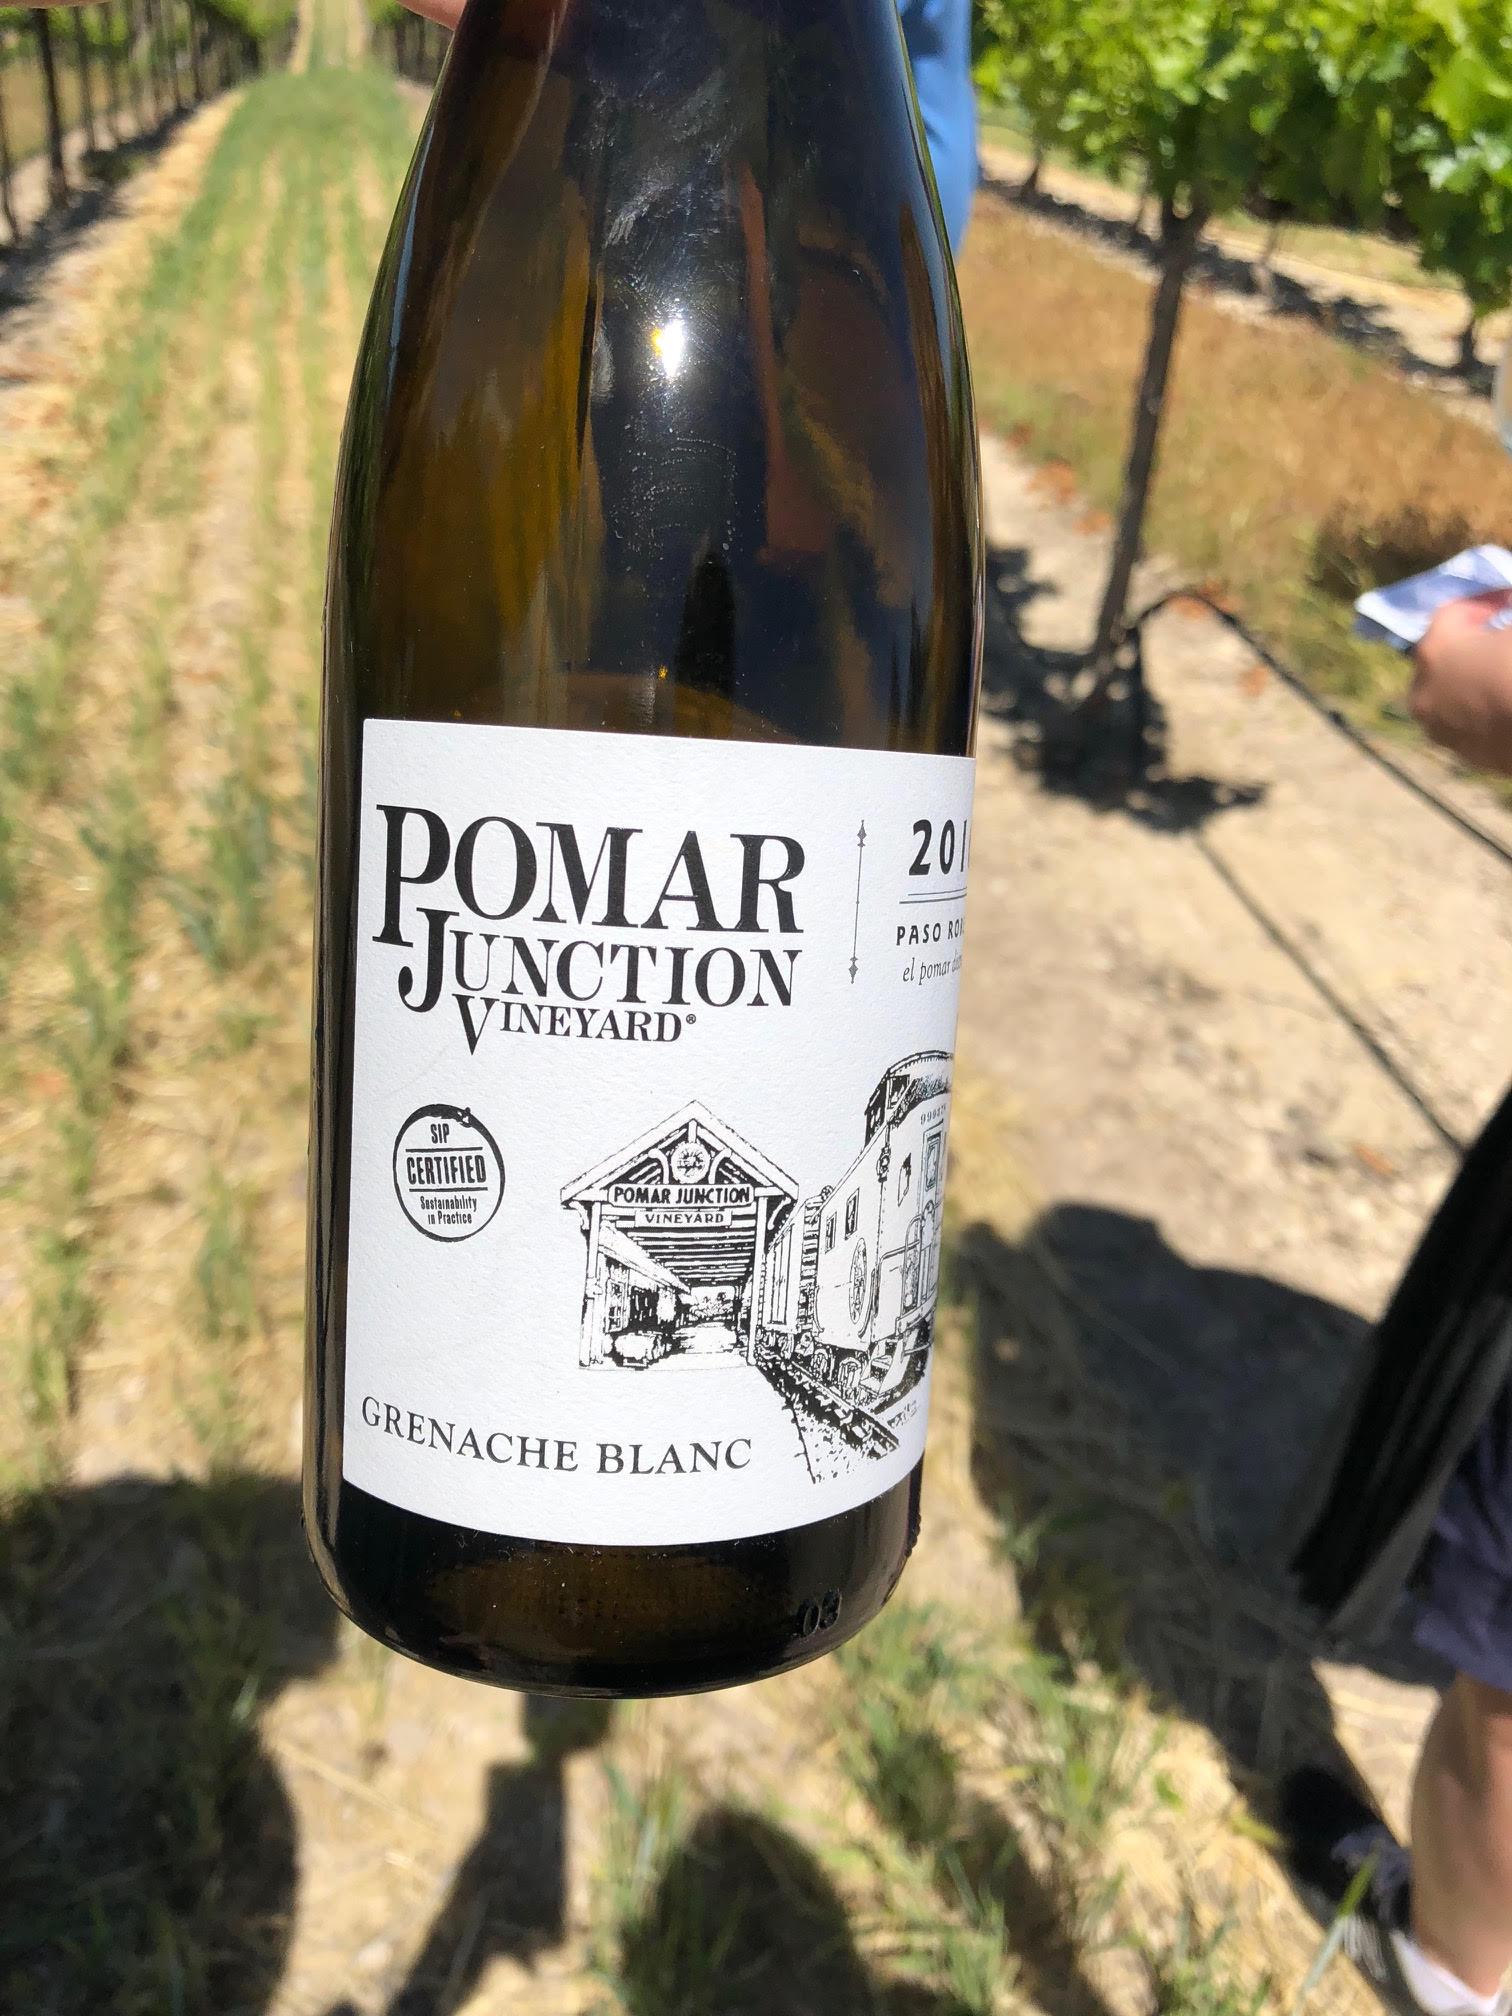 Pomar Junction (2).jpg